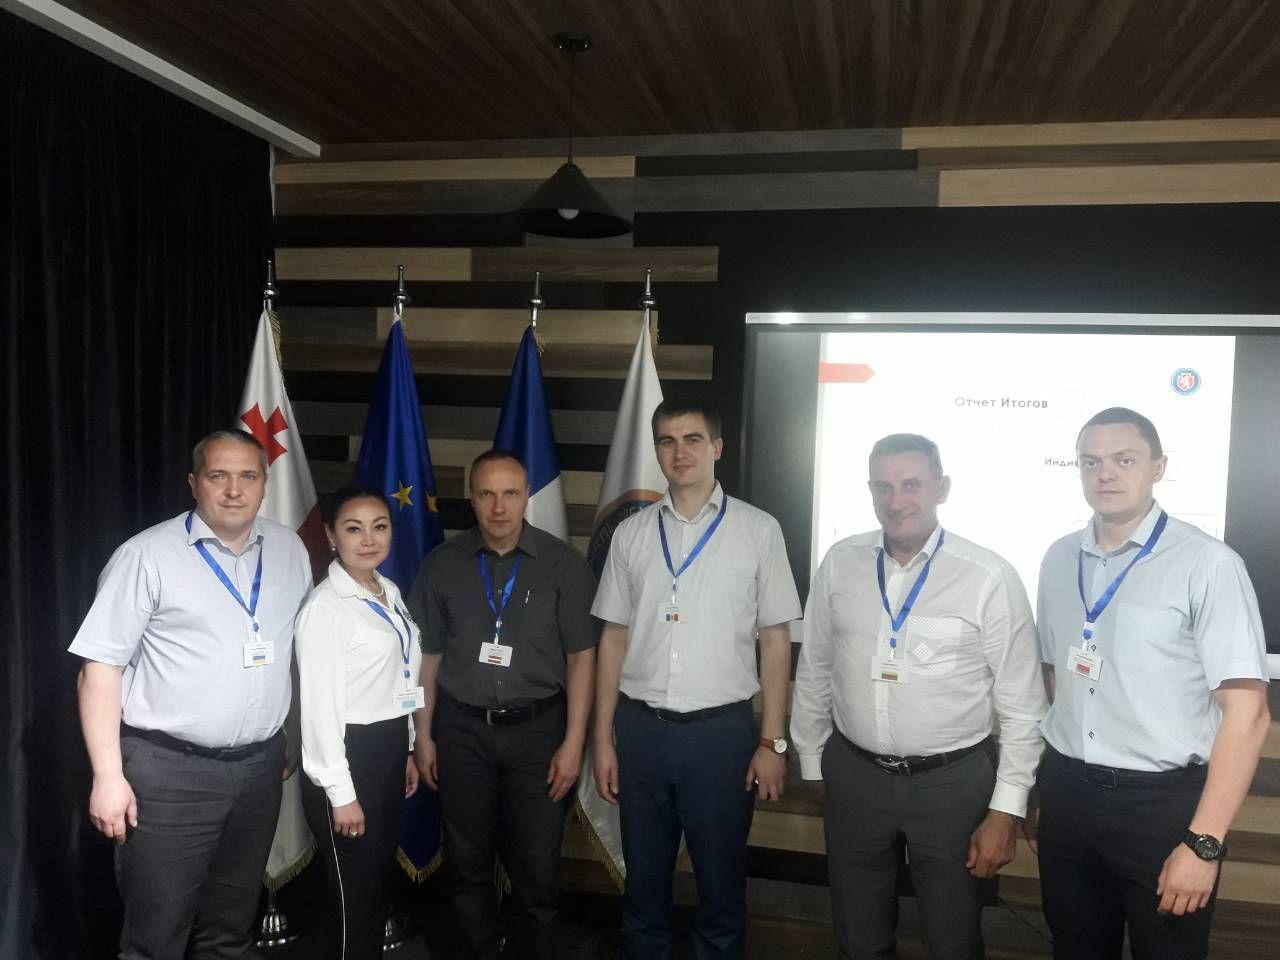 Досвід реформування поліції Грузії: про ключові результати дізнавався представник ДДУВС